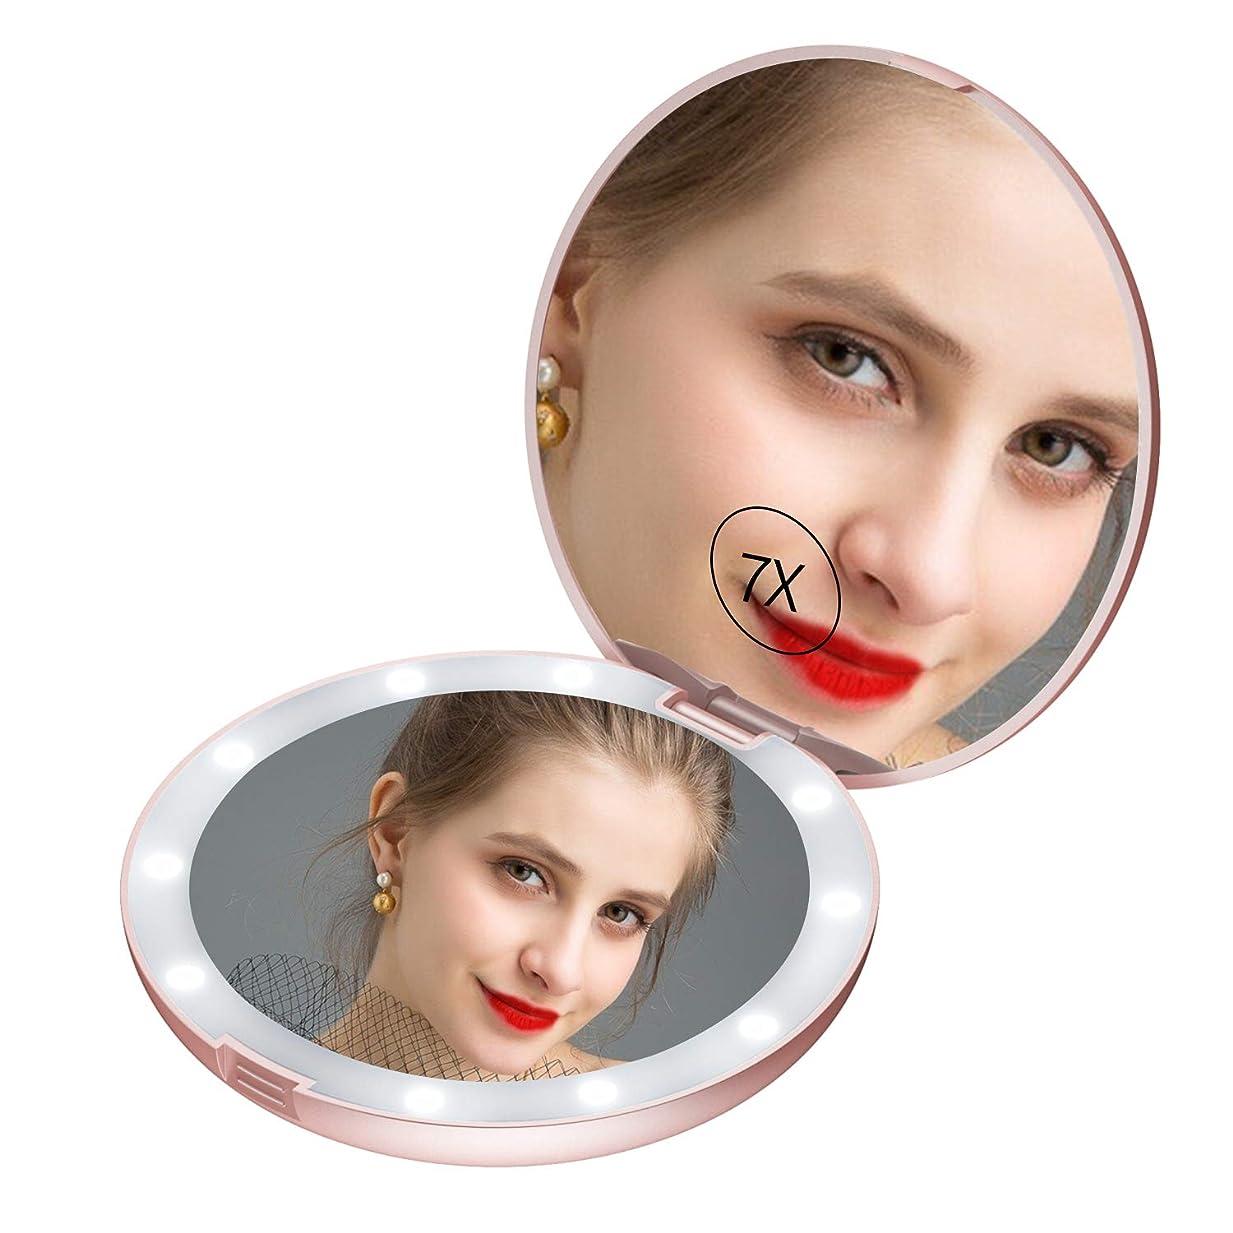 申し立てる動バリーledミラー コンパクト led鏡 手鏡 コンパクト 女優ミラー 携帯 女優ミラー コンパクト 両面コンパクトミラー 化粧鏡 7倍拡大鏡 折りたたみミラー コンパクトミラー Gospire